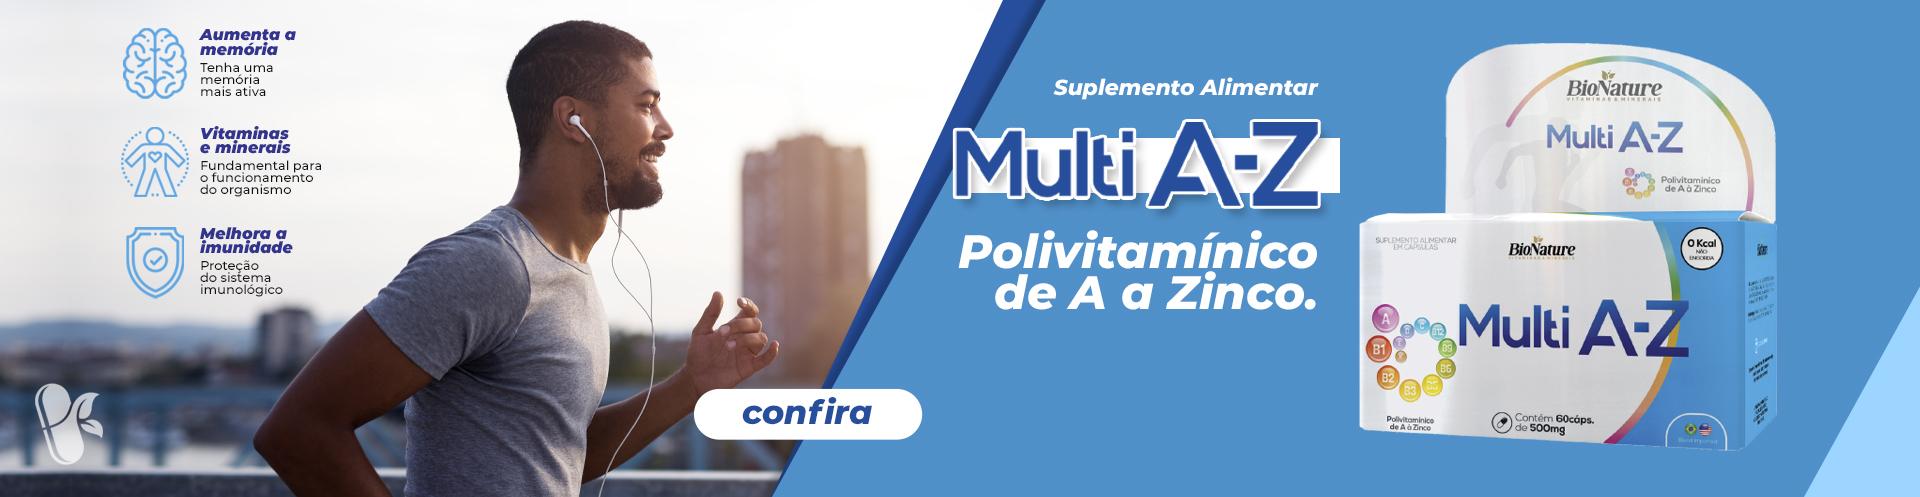 LDE - Multi AZ